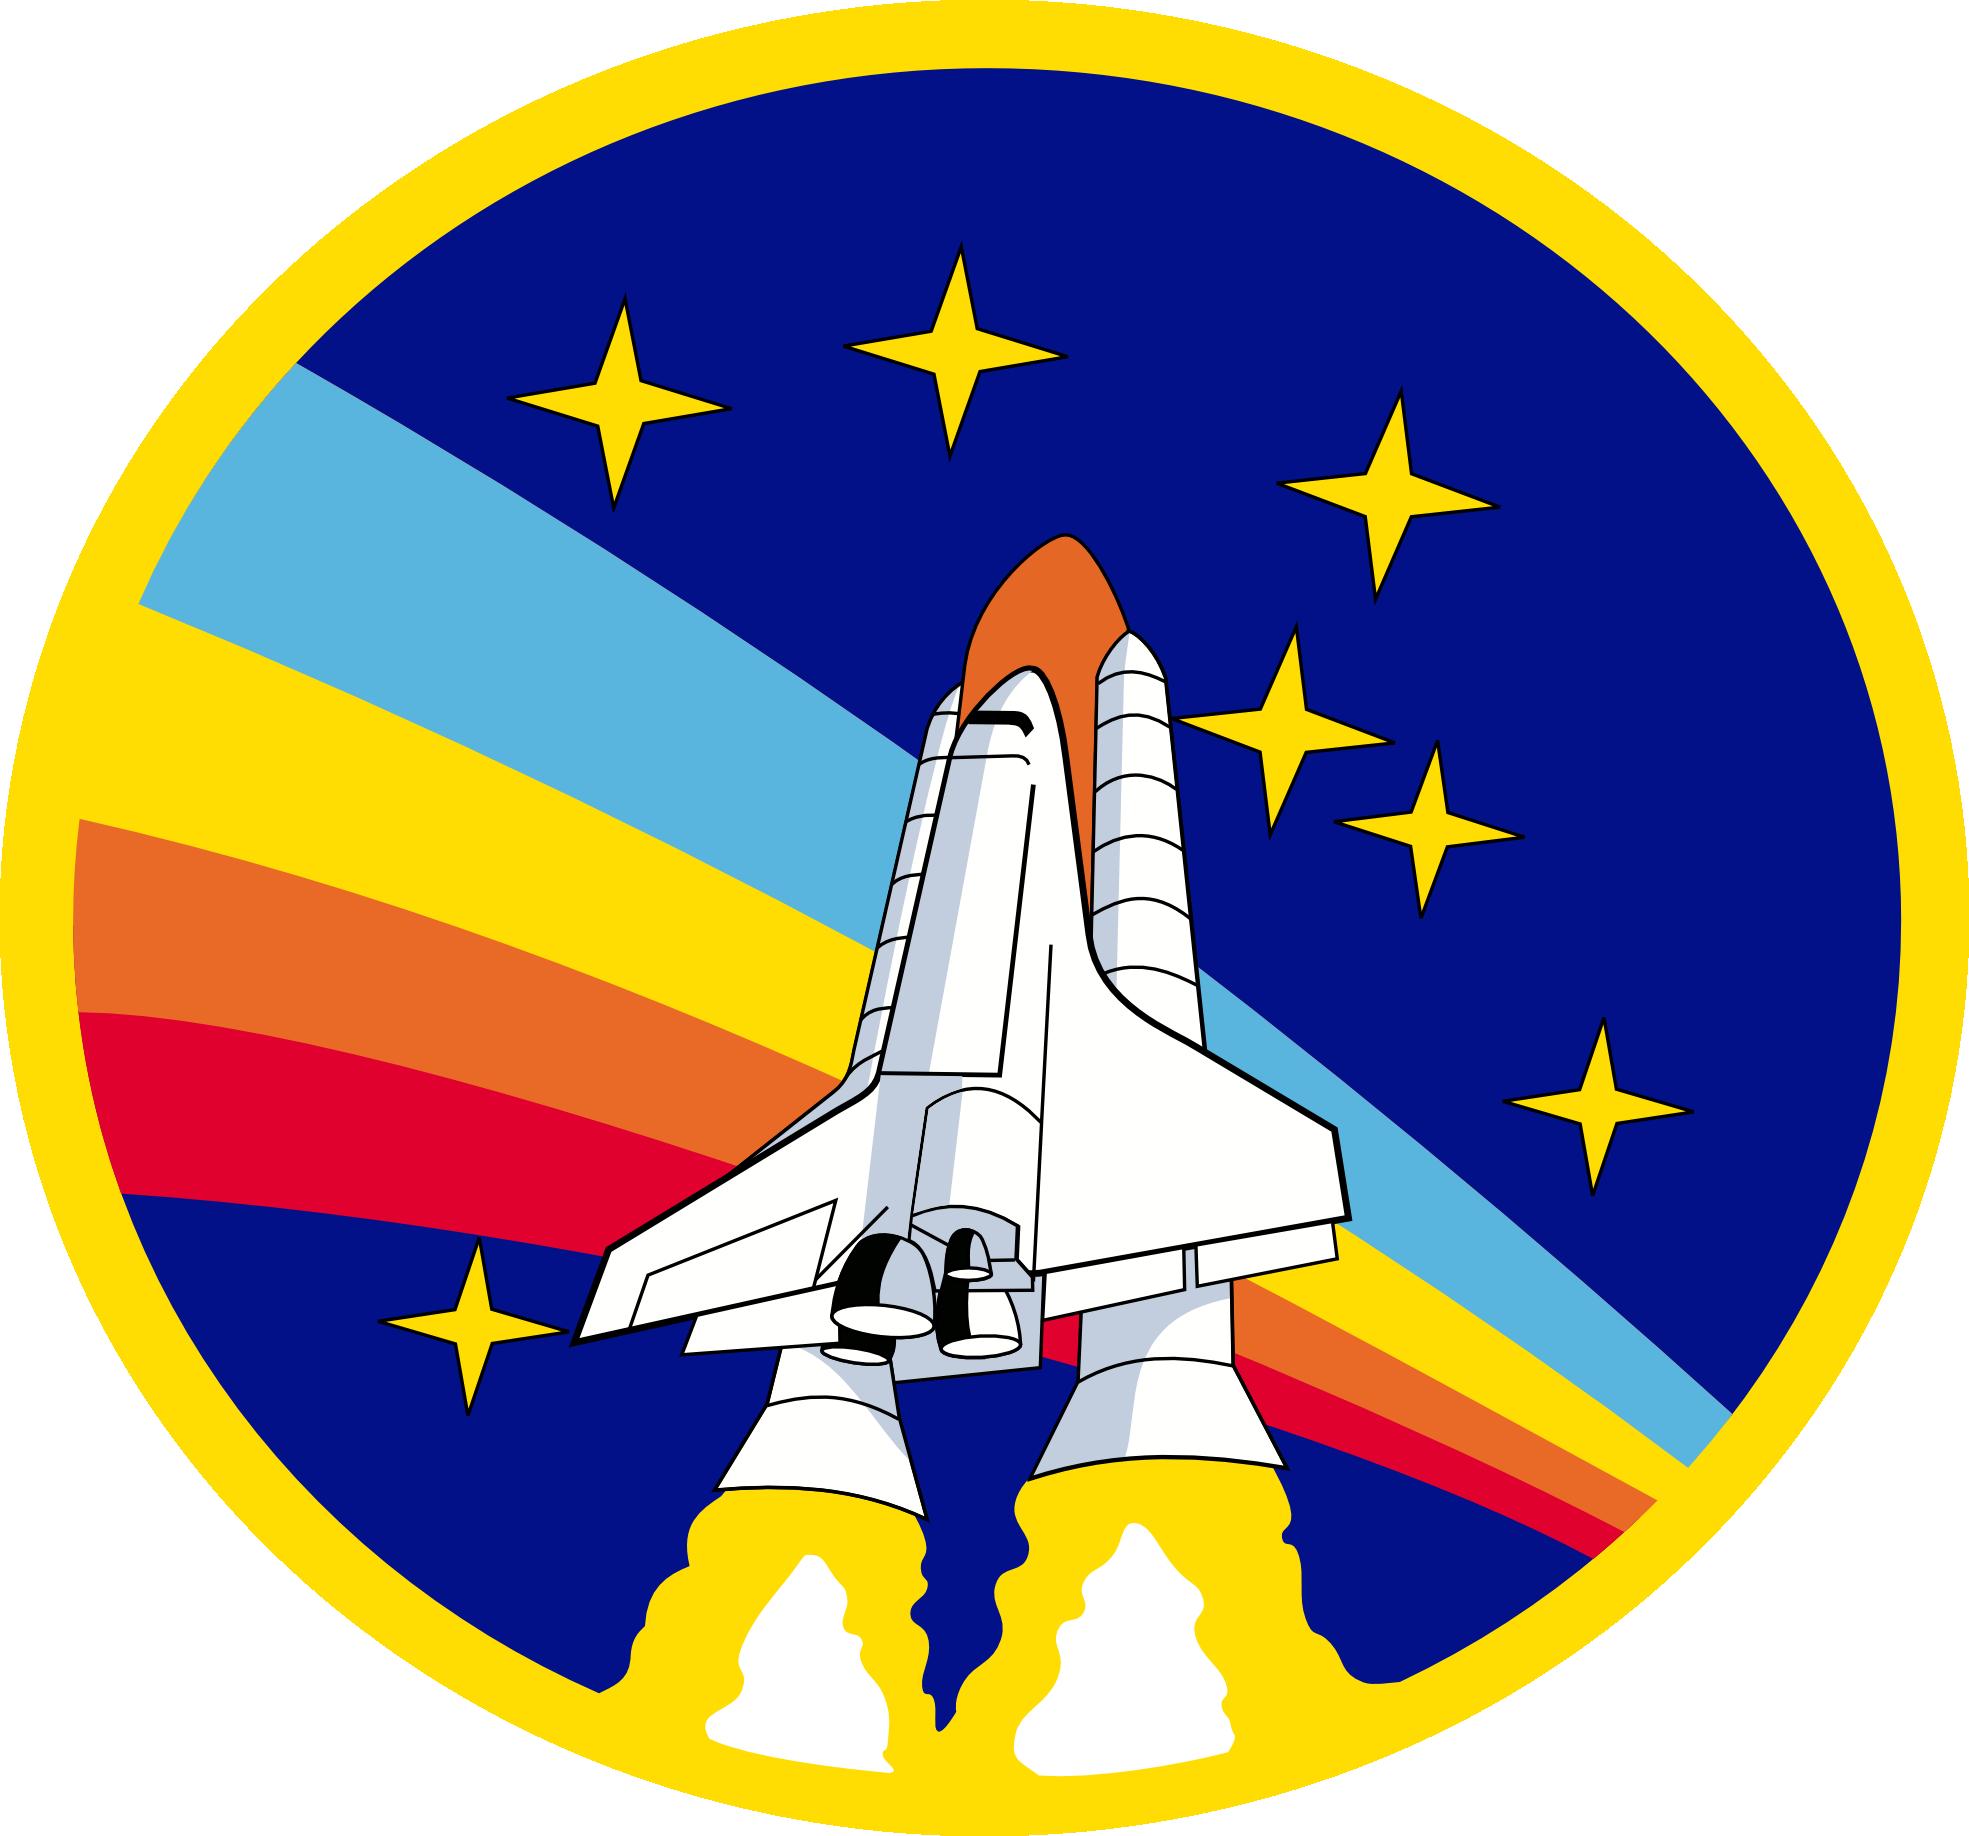 NASA clipart #4, Download drawings